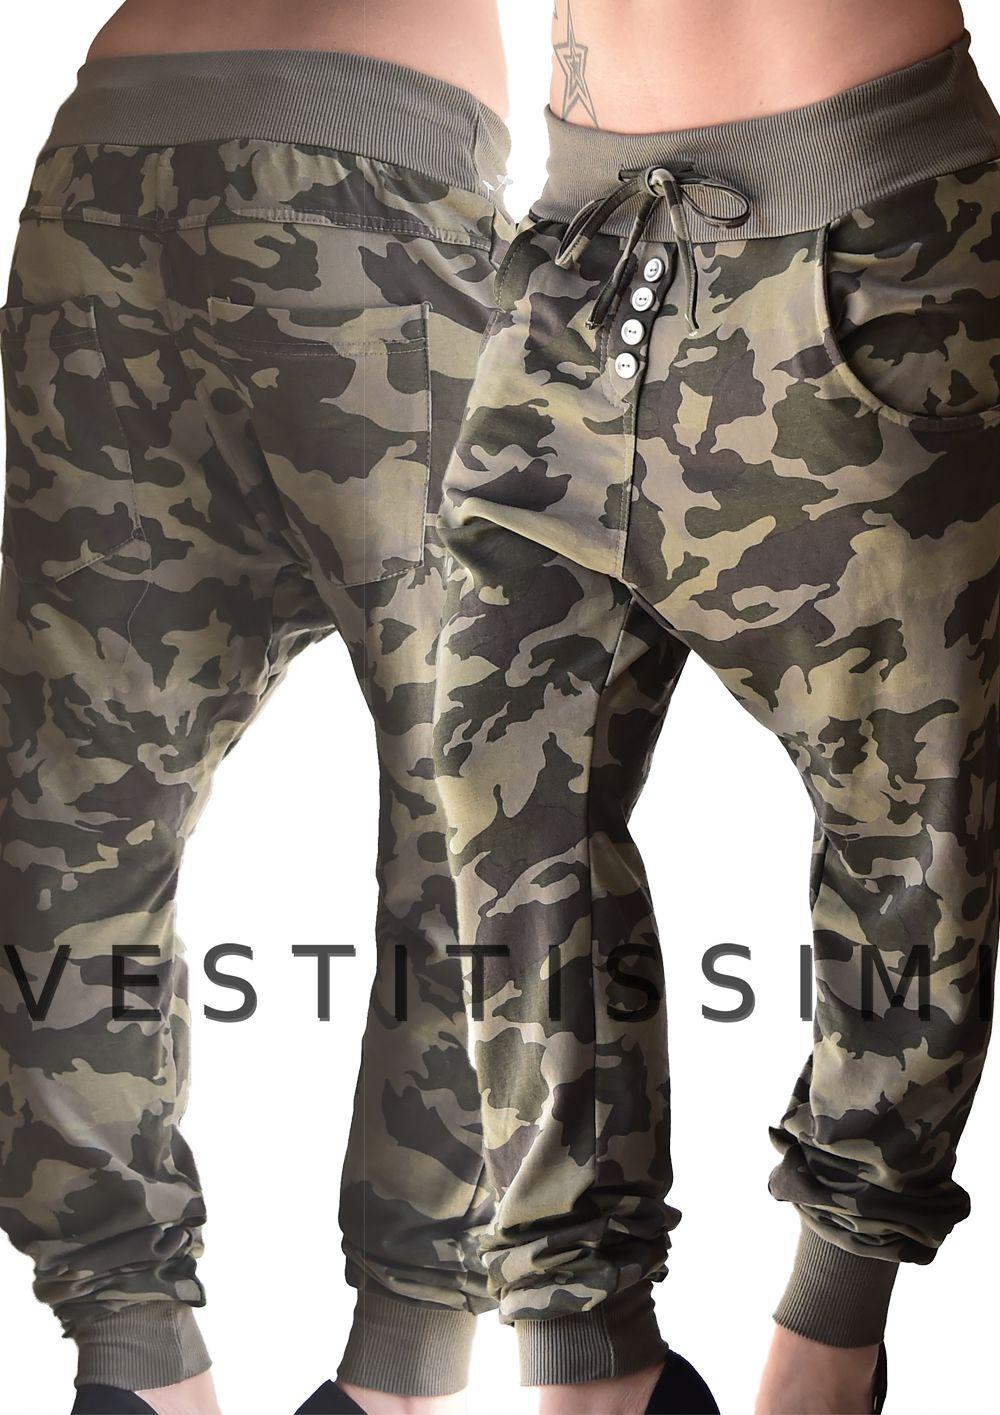 26262ece7394d1 Pantalone mimetico donna sportivo cavallo basso: Pantaloni color fango  fantasia mimetica militare con tasche, fascia elastica e lacci in vita,  chiusura con ...